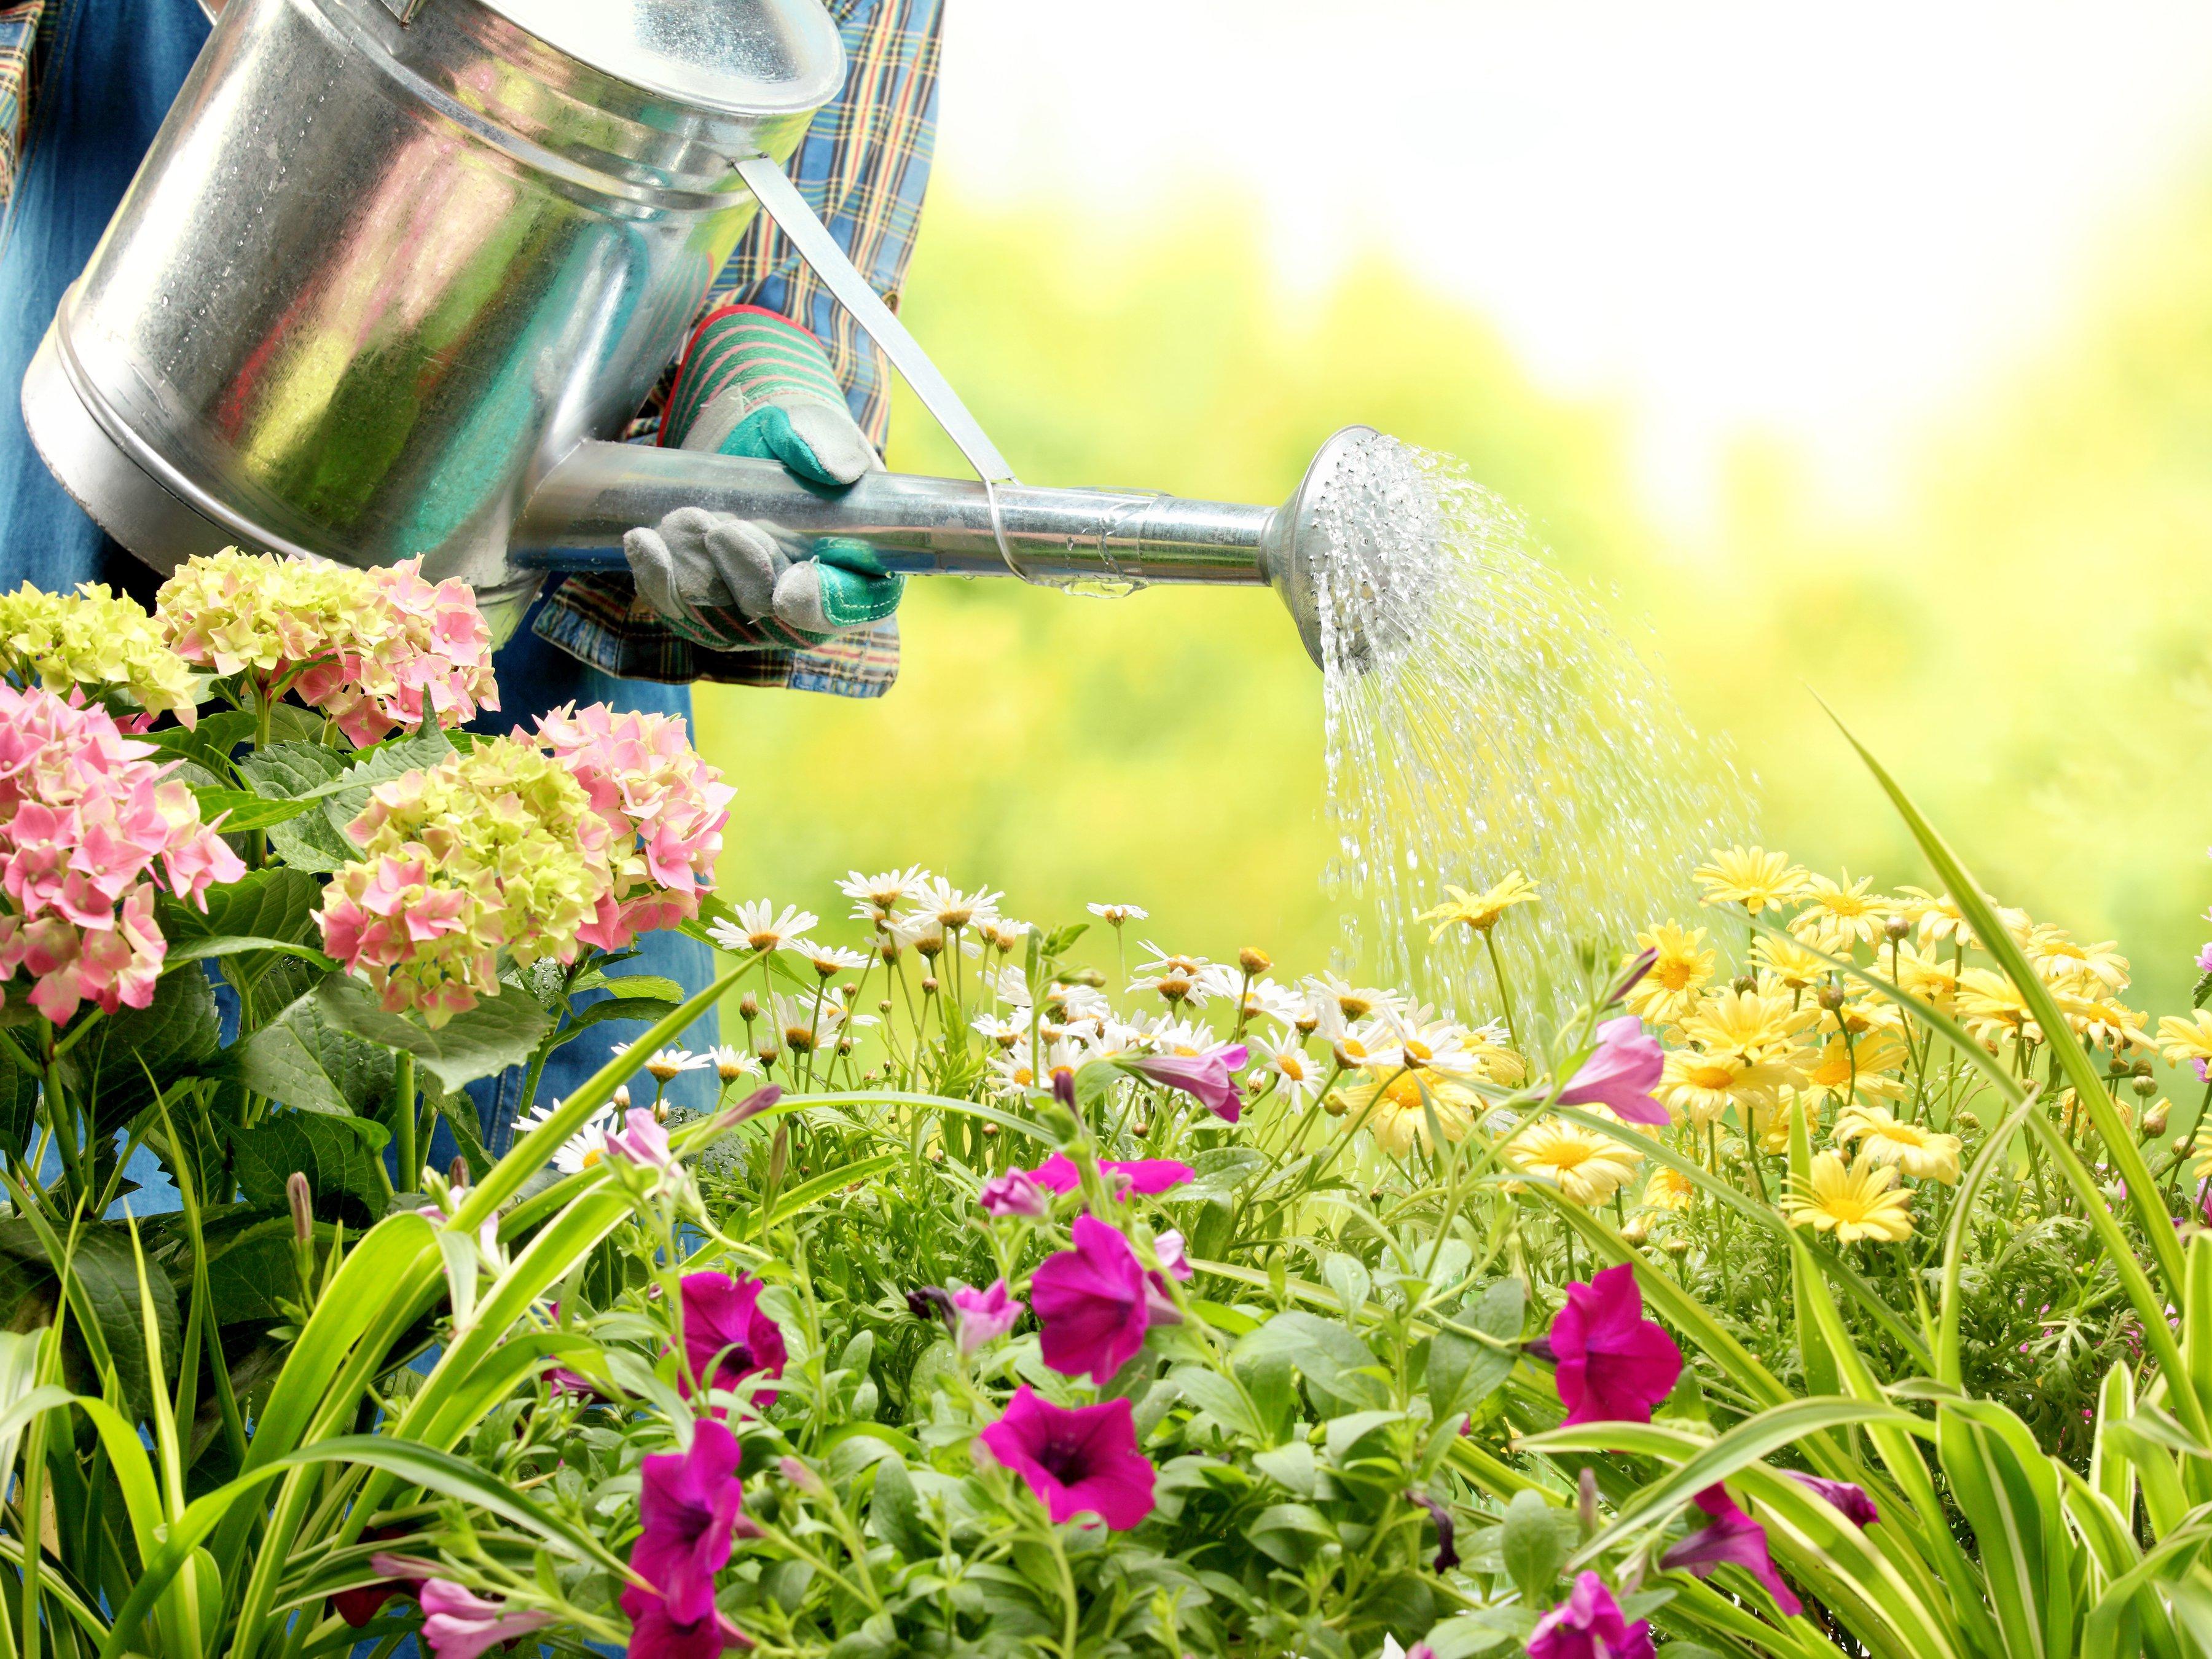 Comment Faire Un Beau Jardin comment faire pour avoir un beau jardin?   bricolo blogger